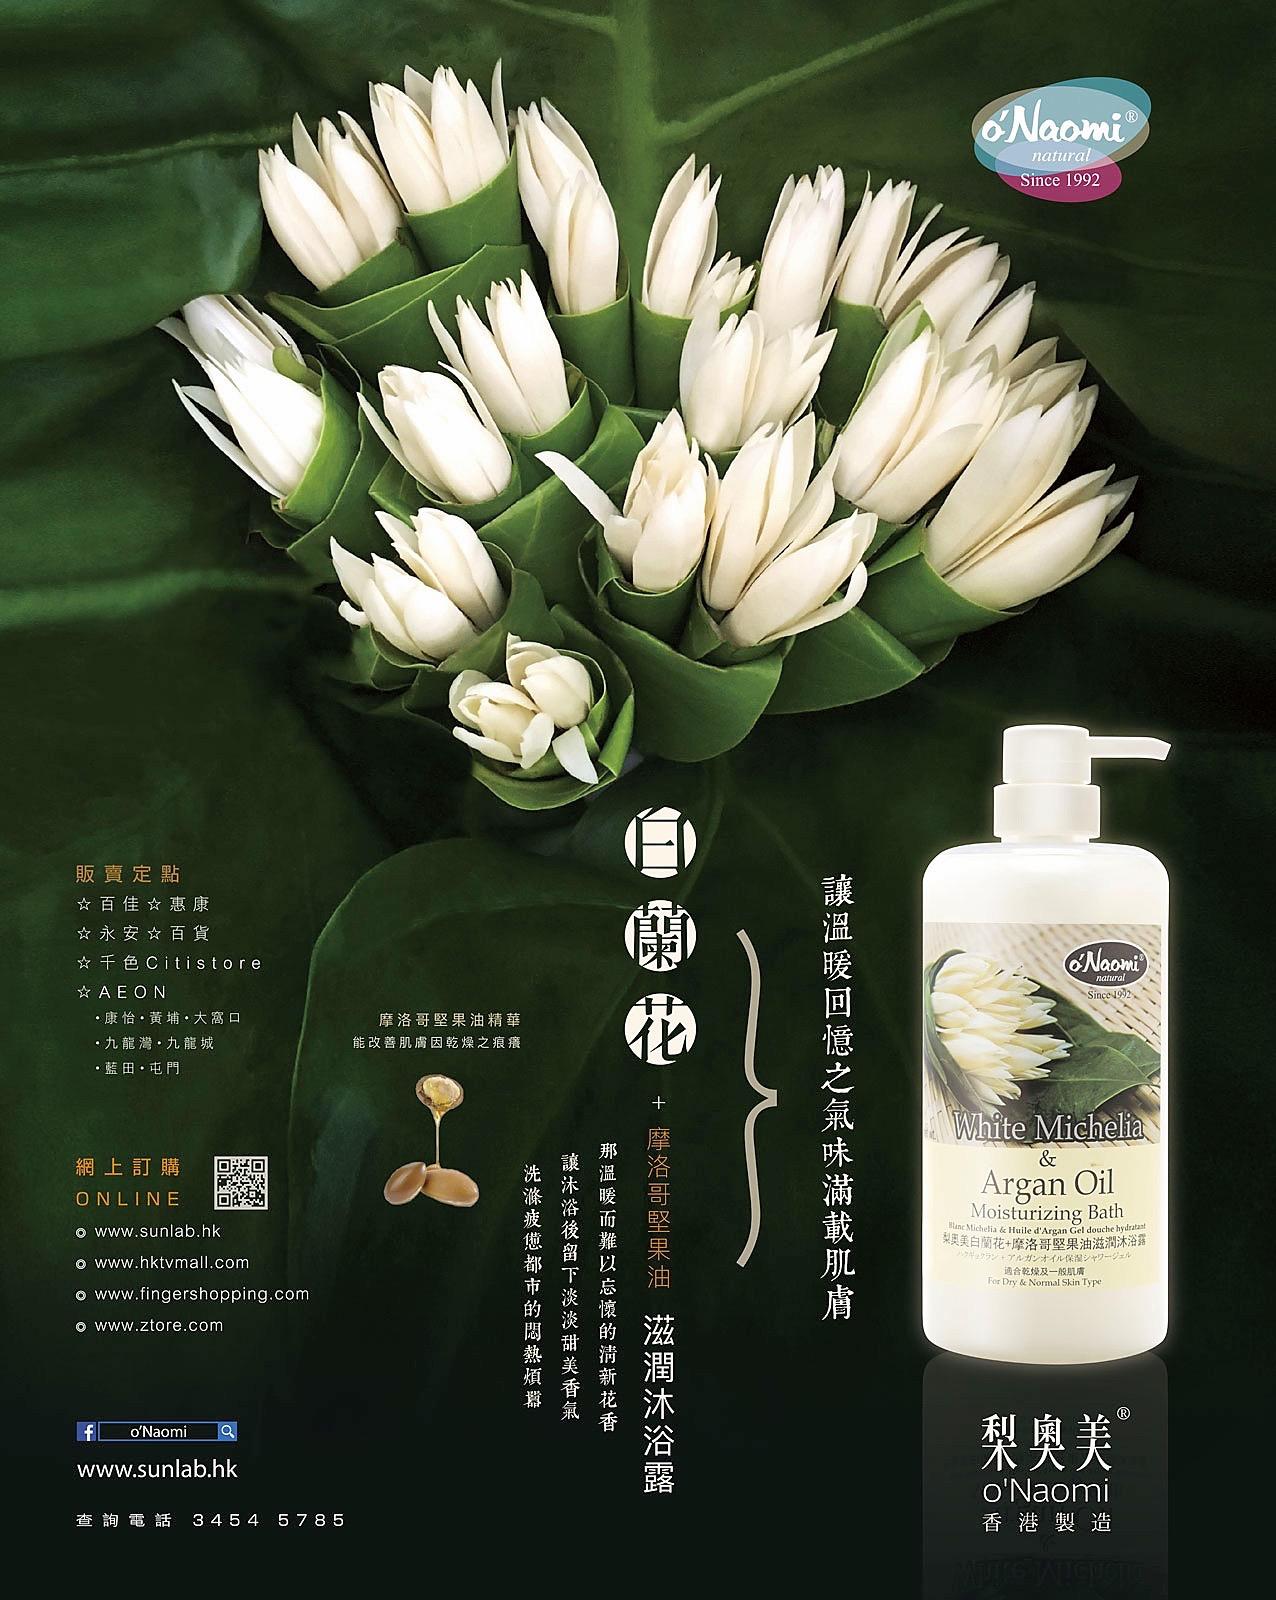 Onaomi White Michelia Argan Oil Bath 01